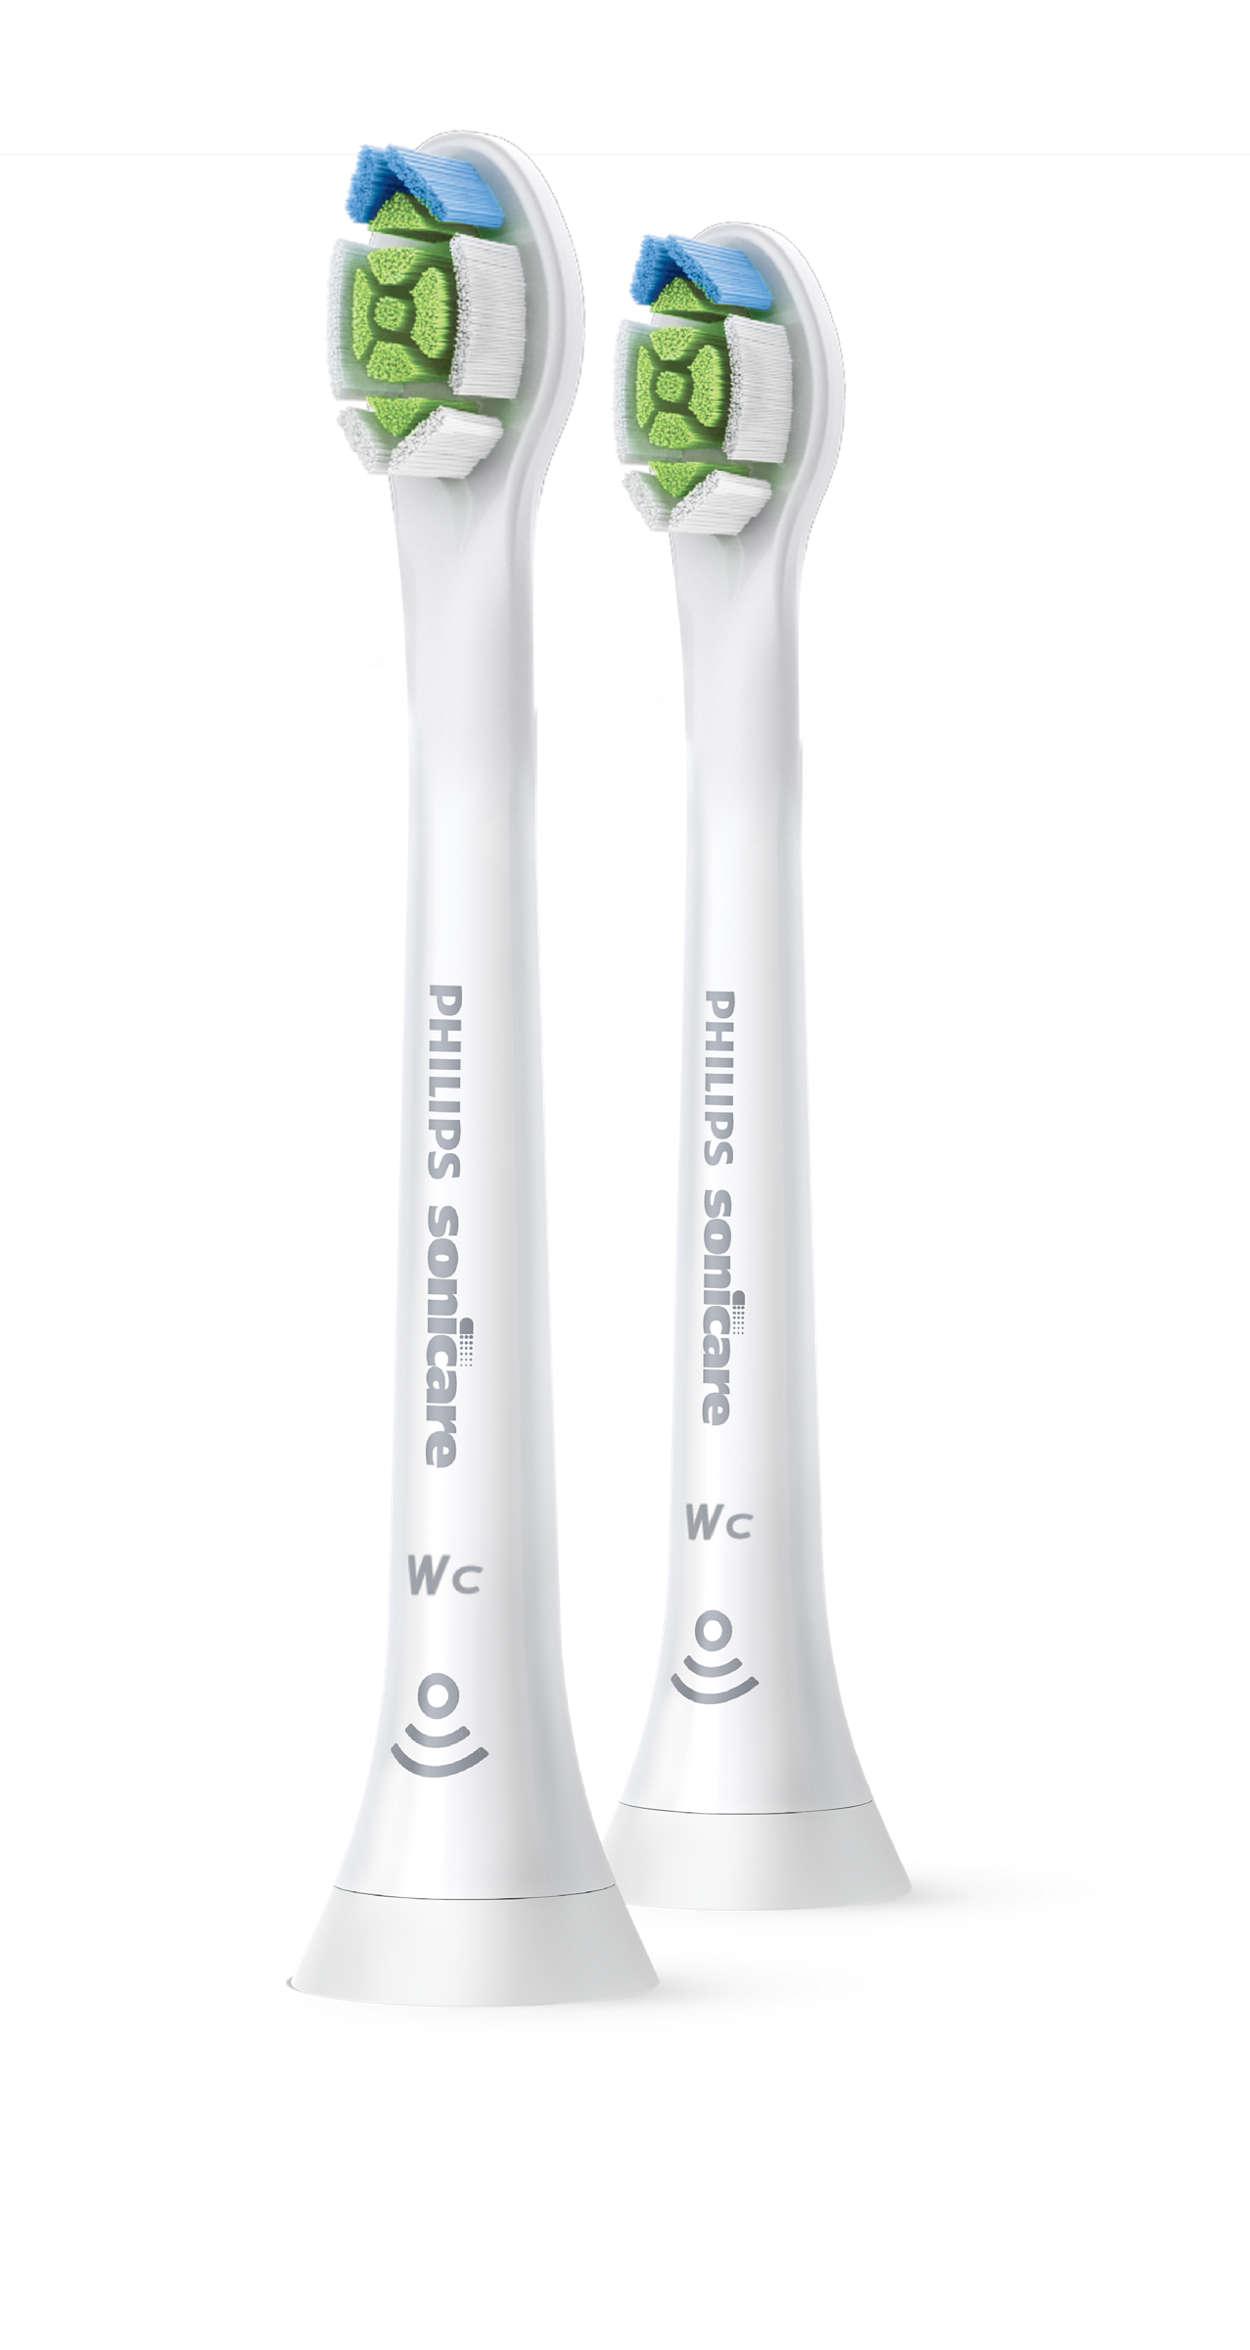 ひし形の毛先がステインを除去し、自然な白い歯へ